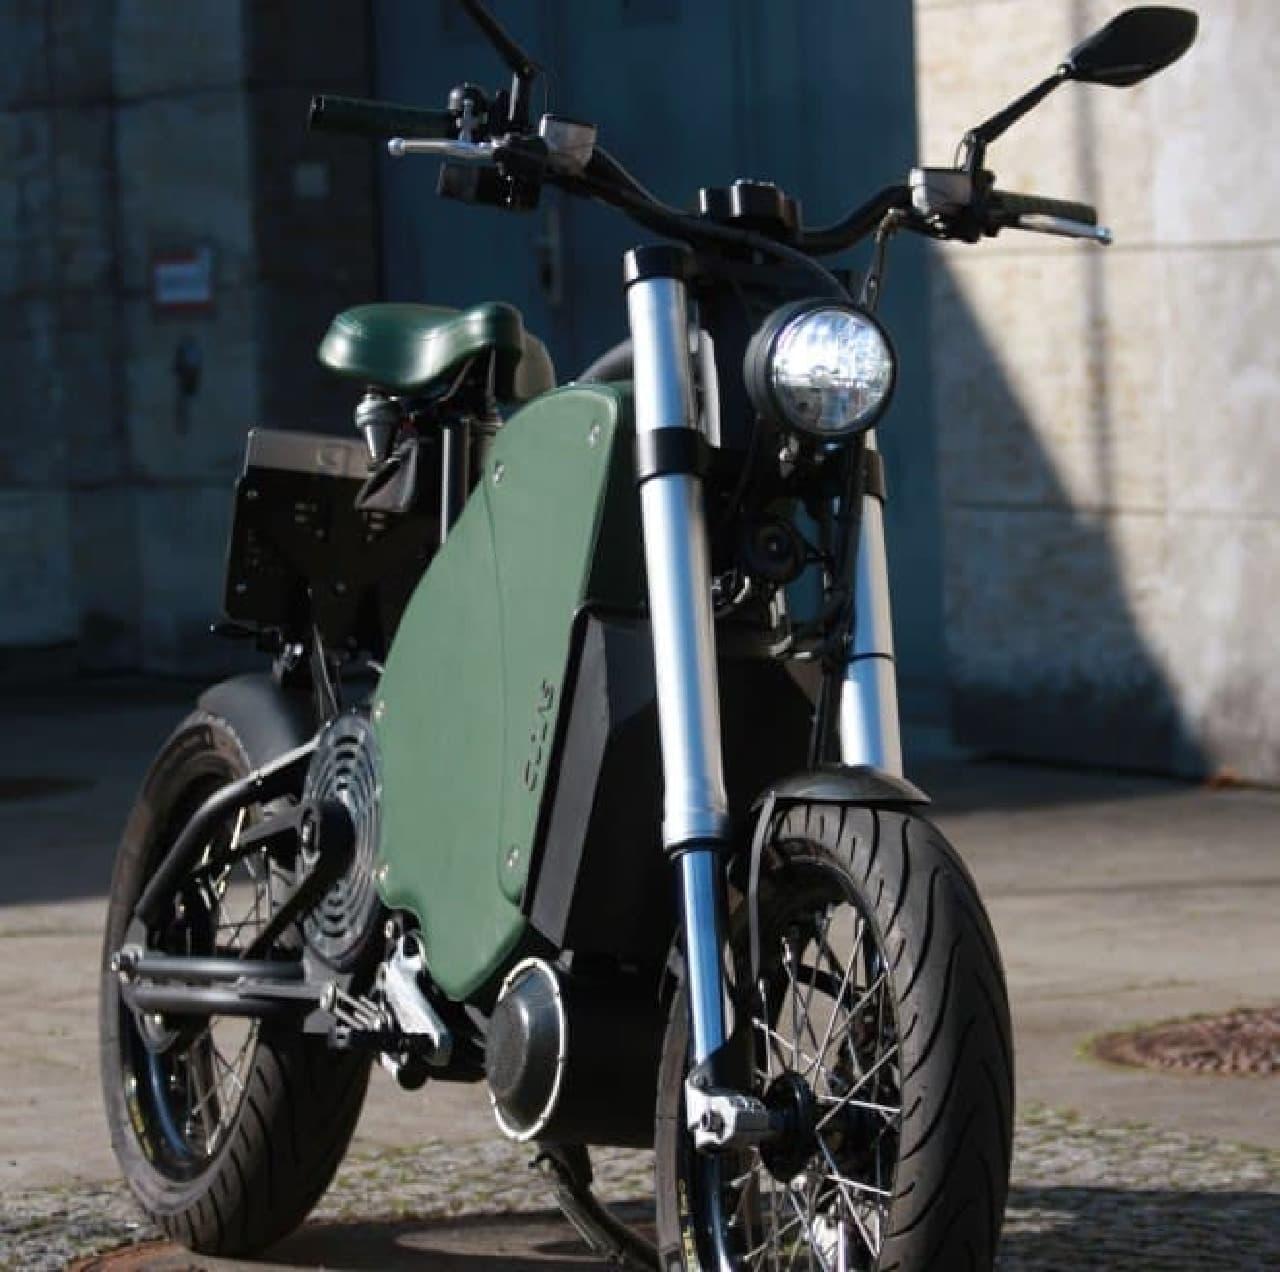 高速道路を走る電動バイク「Gulas Pi1S」